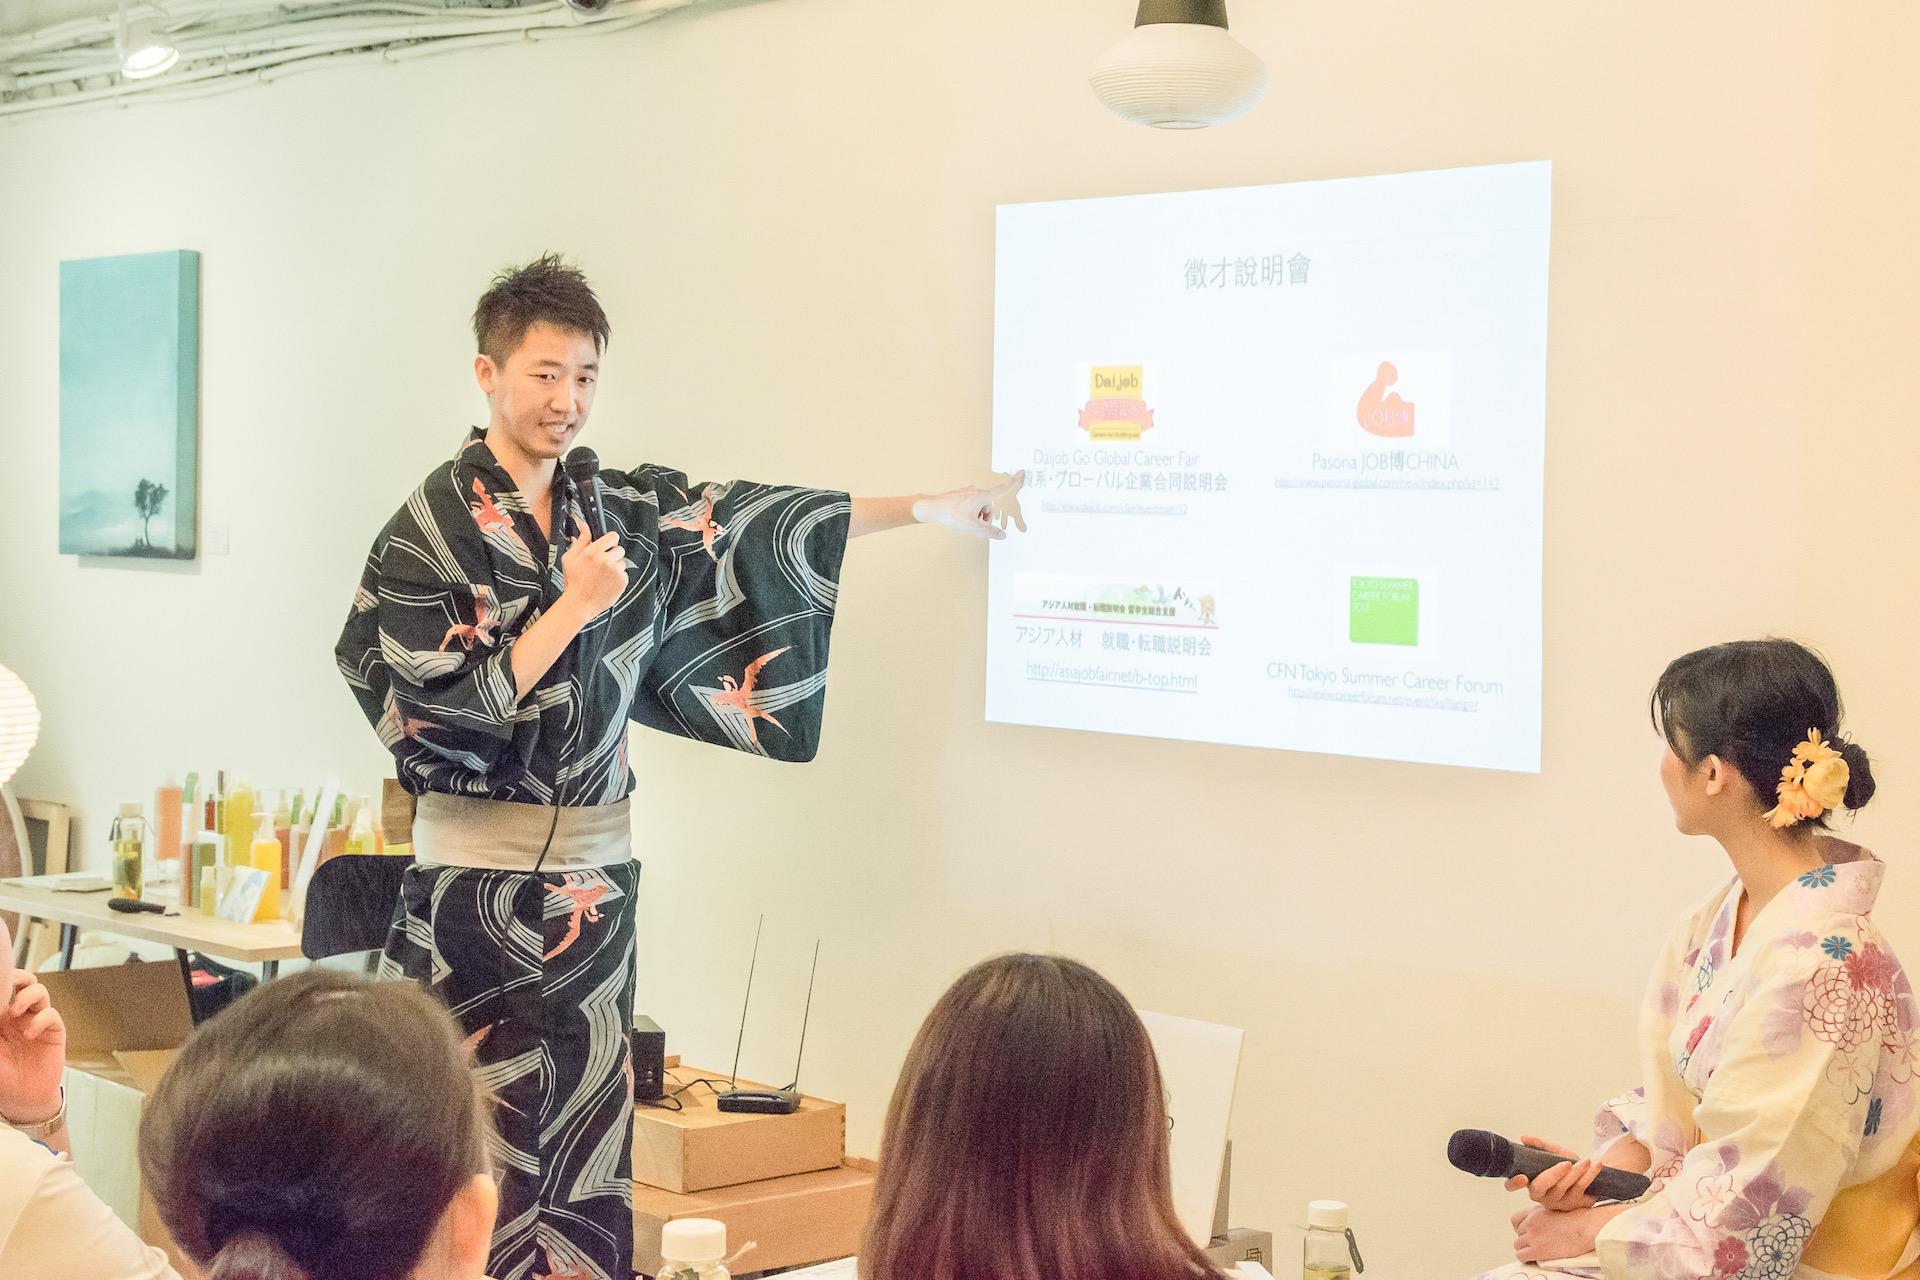 終身雇用制的崩解,日本職場下一步?